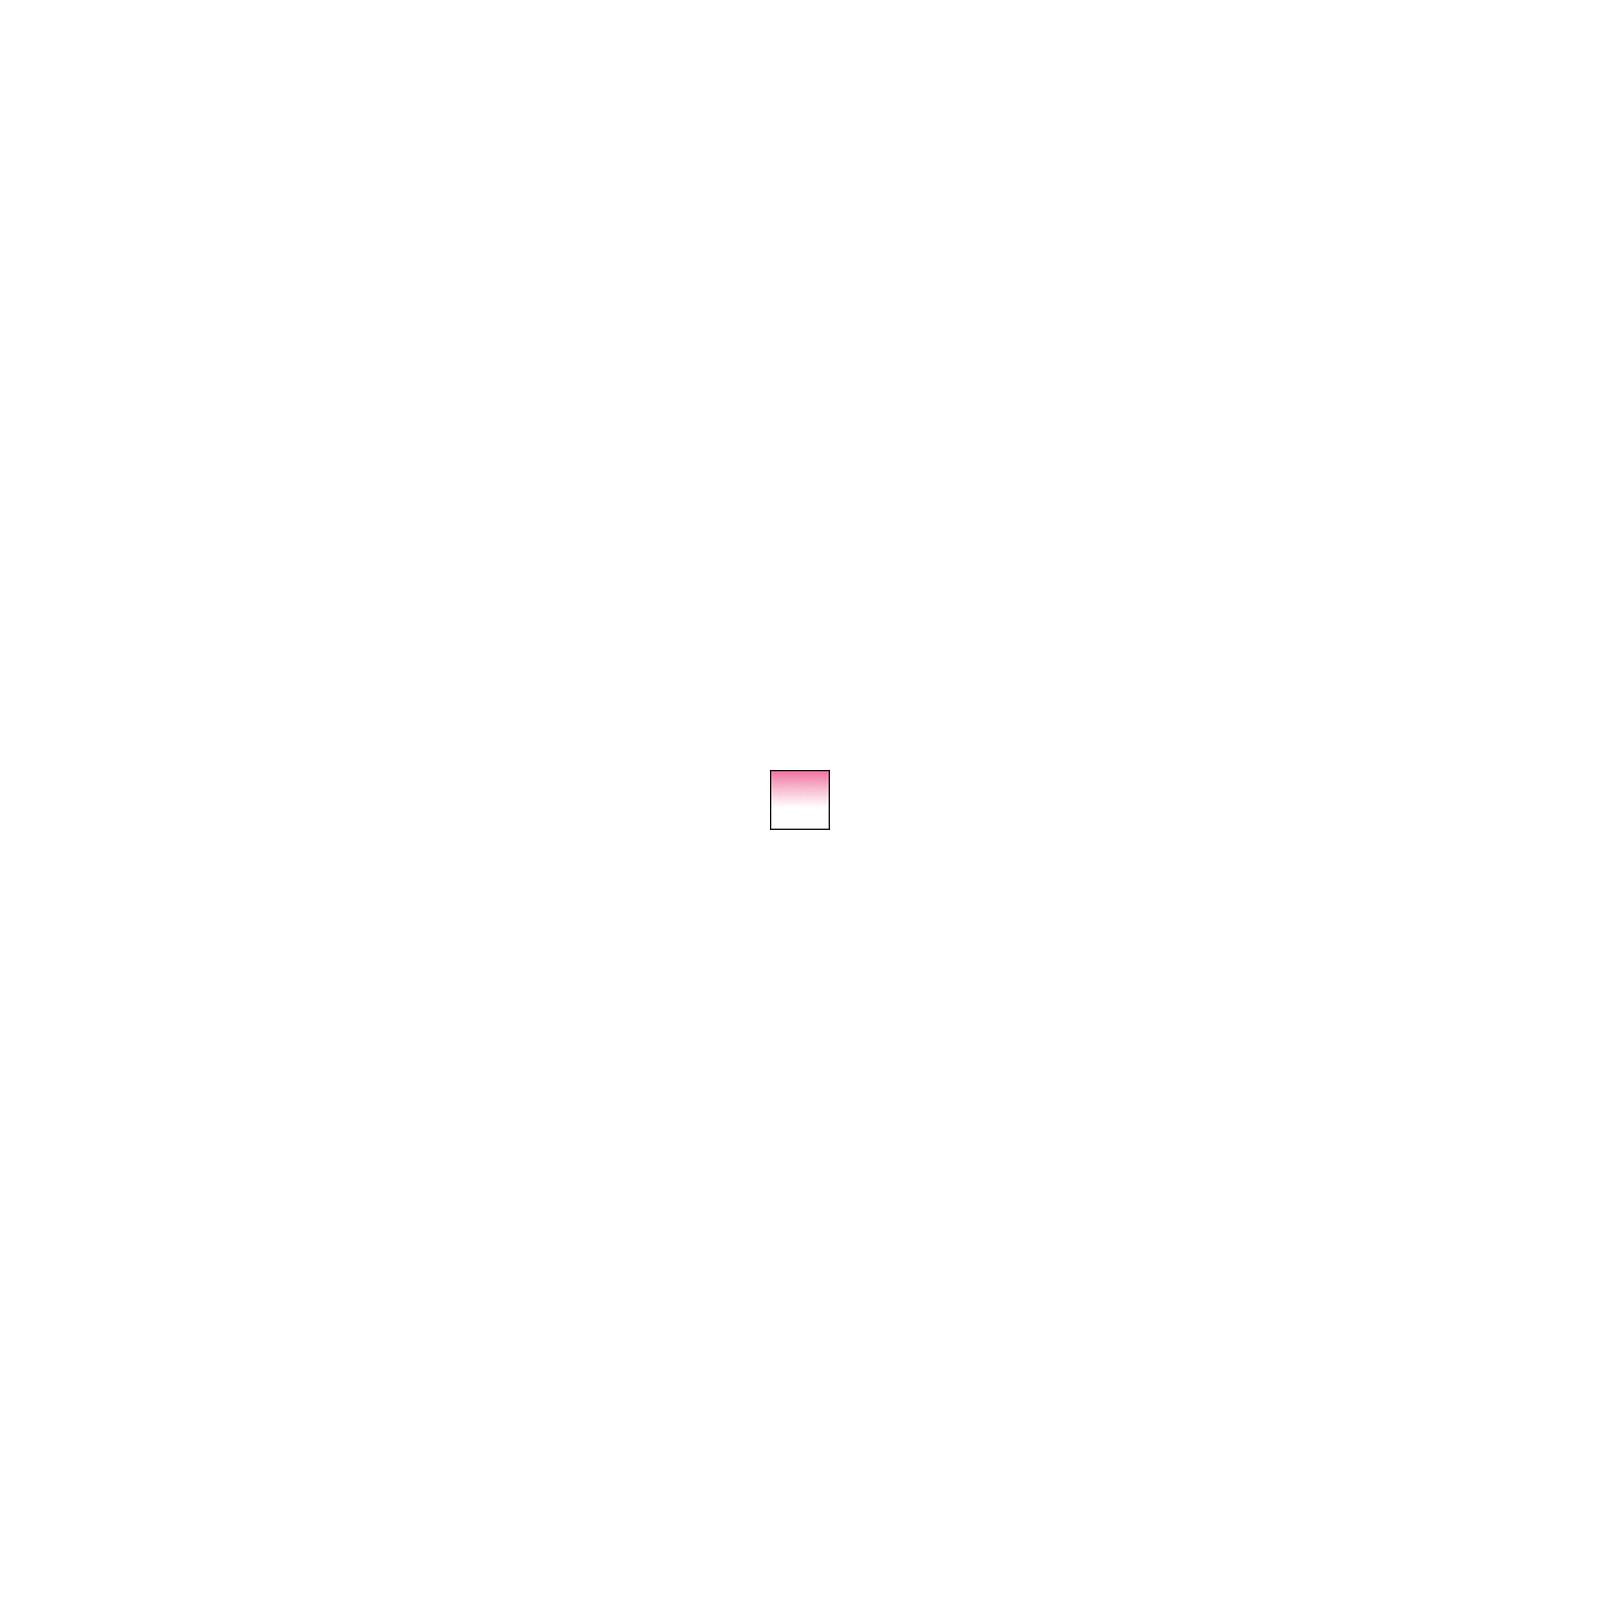 Cokin A670 Verlauf leuchtend Rosa 1